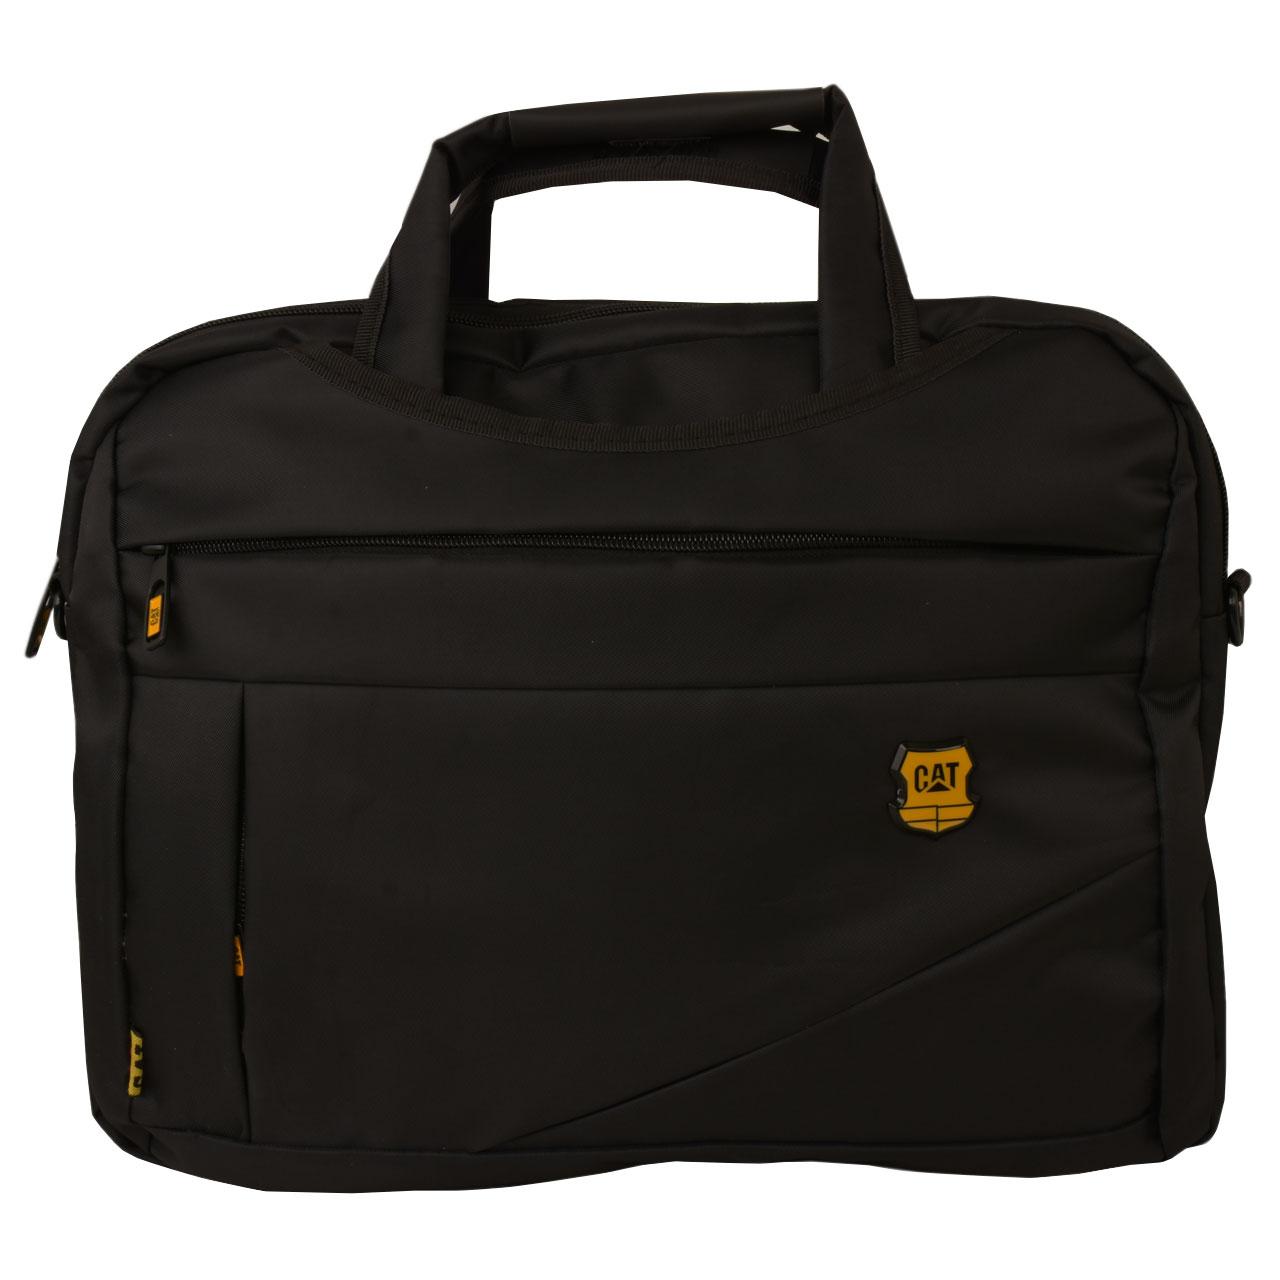 کیف لپ تاپ مدل P269 مناسب برای لپ تاپ 15 اینچی